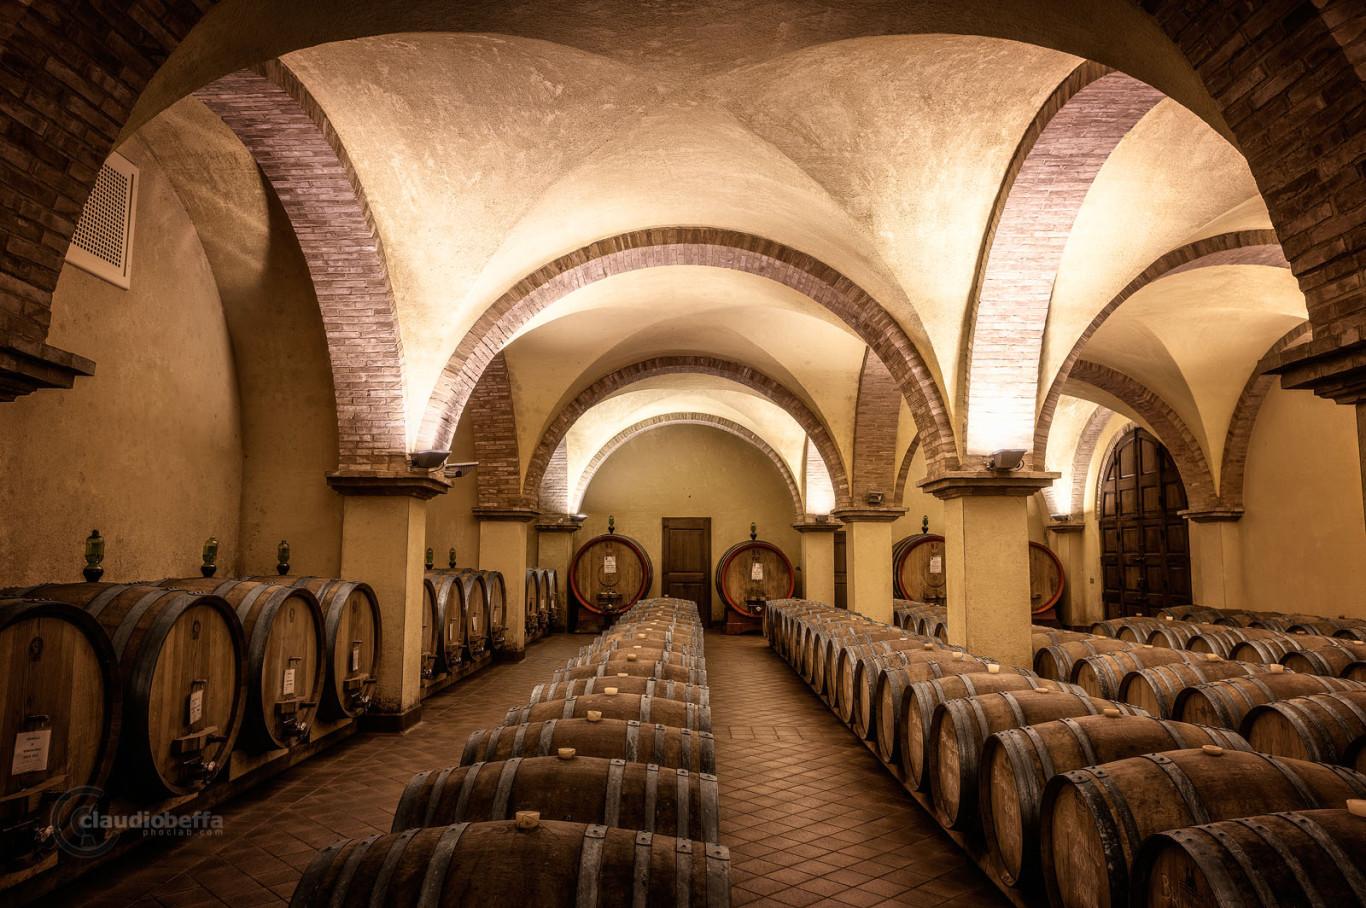 Cellar, Renaissance, Casks, Vaults, Rows, Ancient, Wine, Wine-making, Solaria, Tuscany, Toscana, Val d'Orcia, Italy, Italia